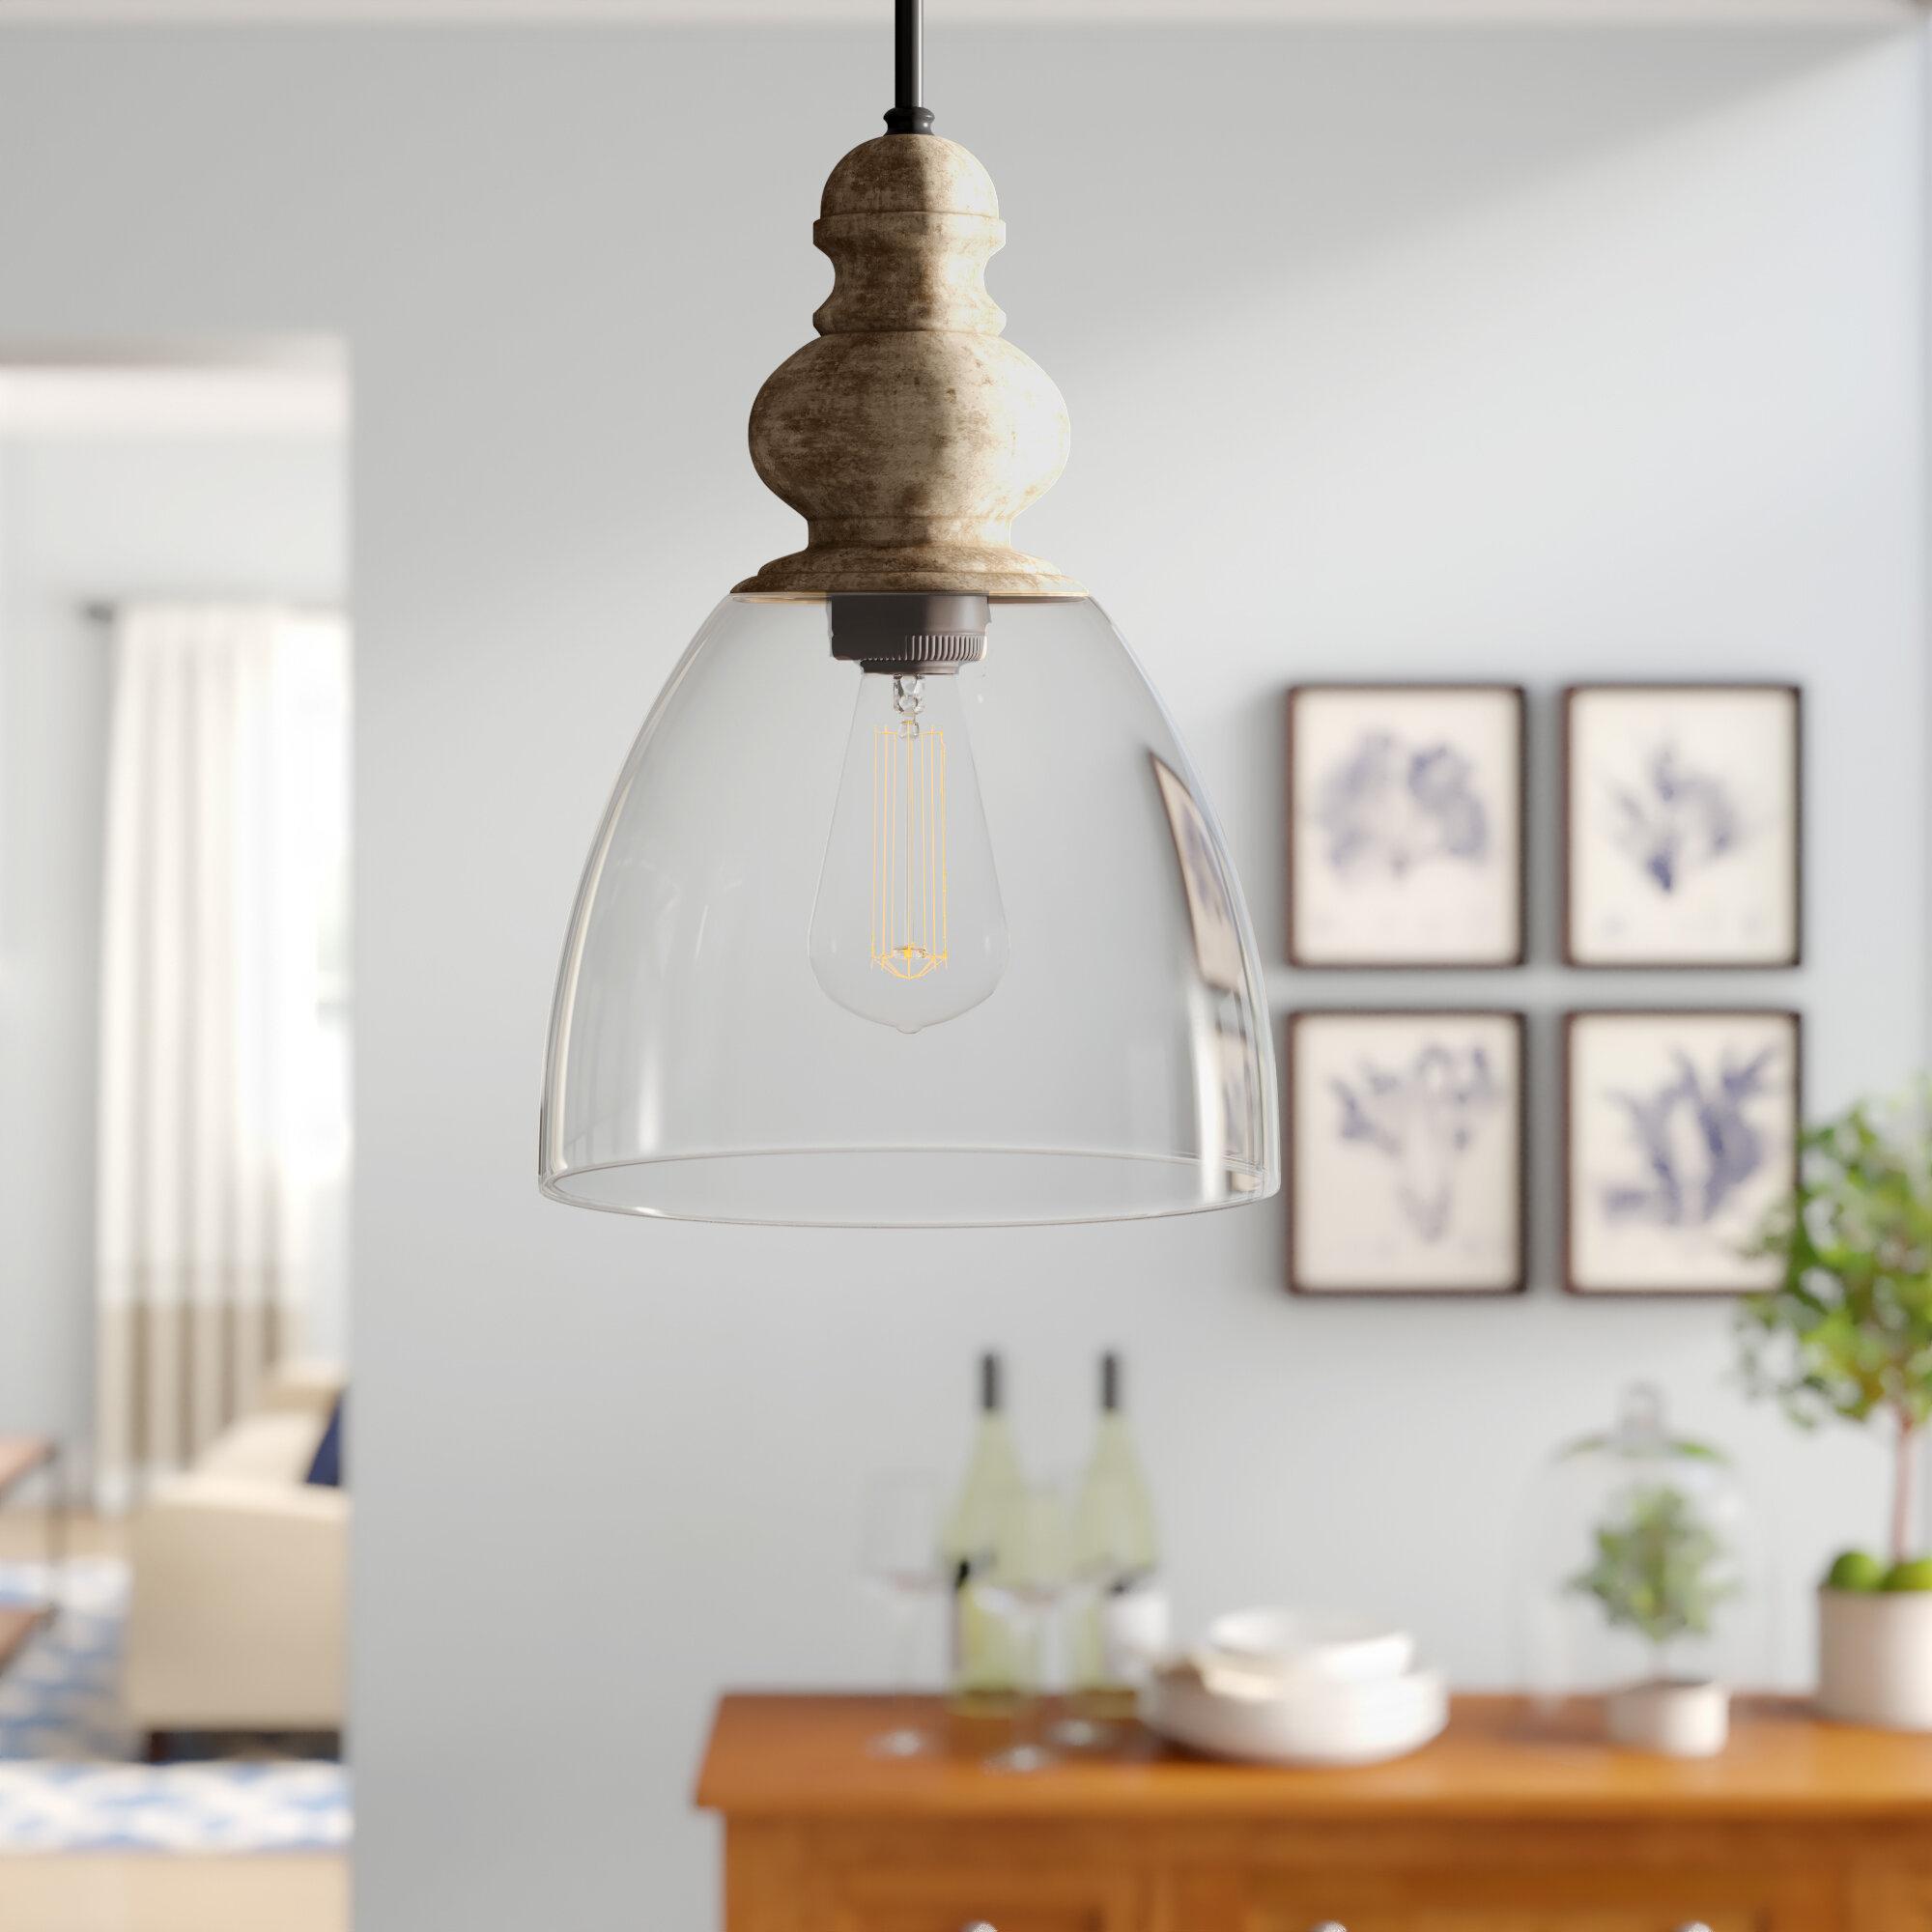 Laurel Foundry Modern Farmhouse Lemelle 1 Light Single Bell Pendant Pertaining To Akakios 1 Light Single Bell Pendants (Image 16 of 30)